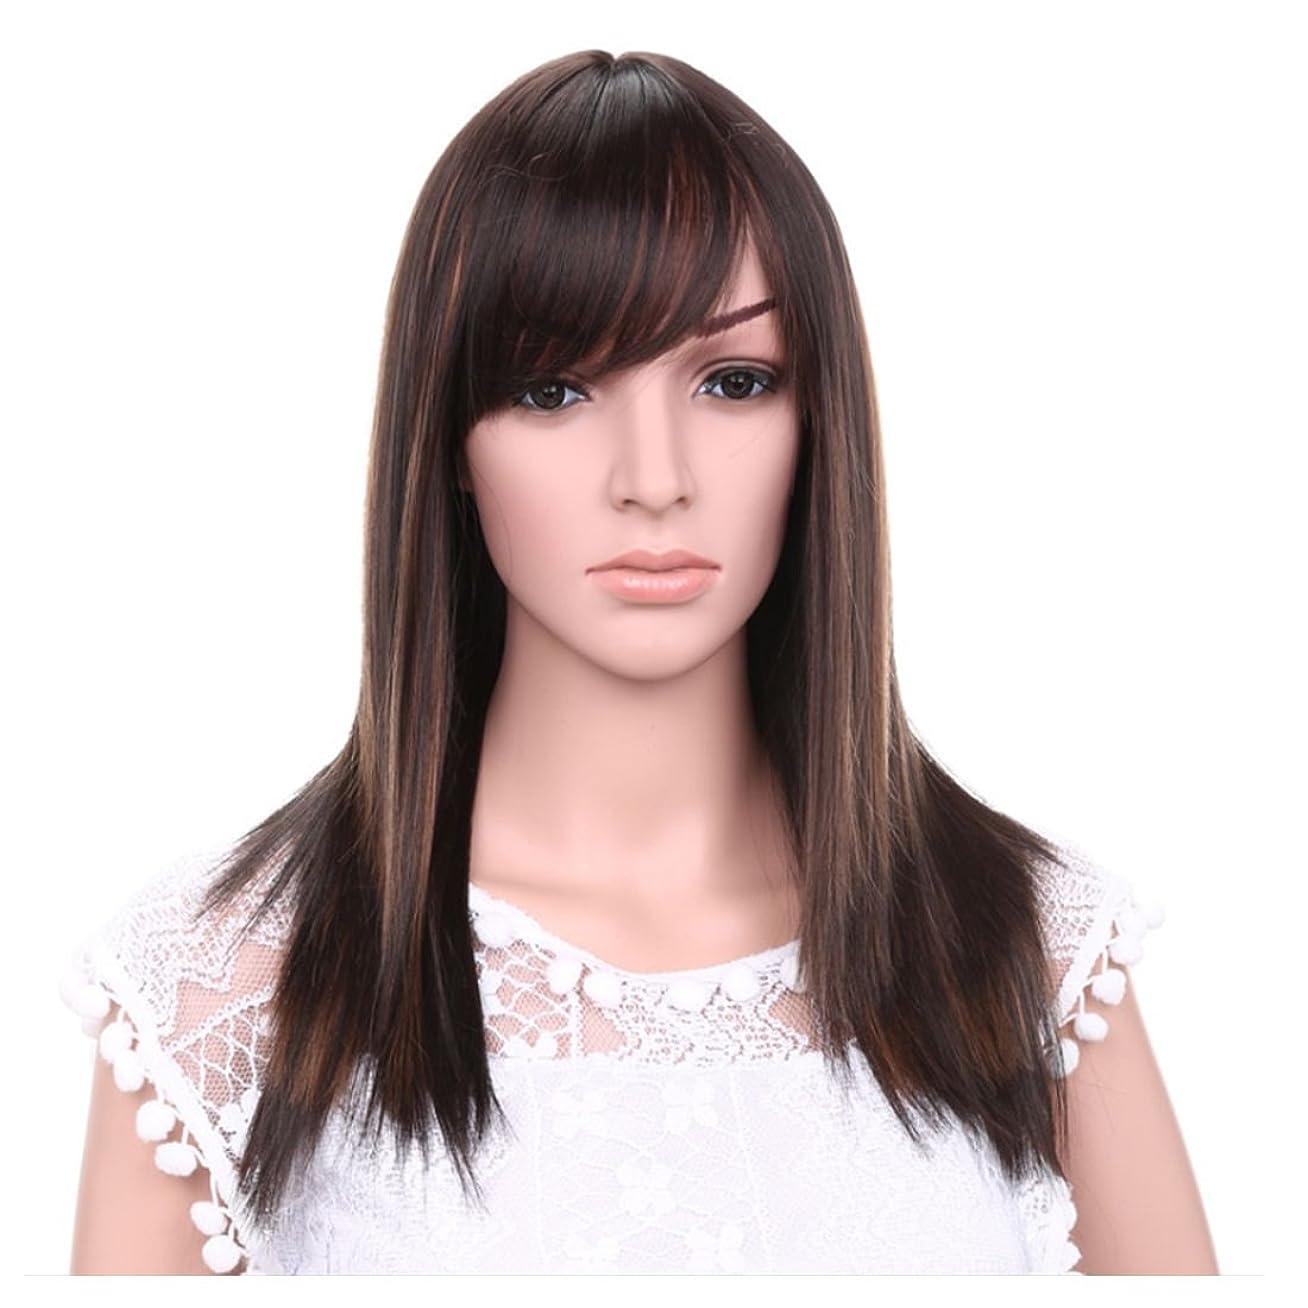 行商四半期抑制JIANFU 女性のための21inchロングストレートウィッグ髪の自然な色茶色の黒のかつらの斜め強打女性のための髪の耐熱性 (Color : Brownish black highlight)